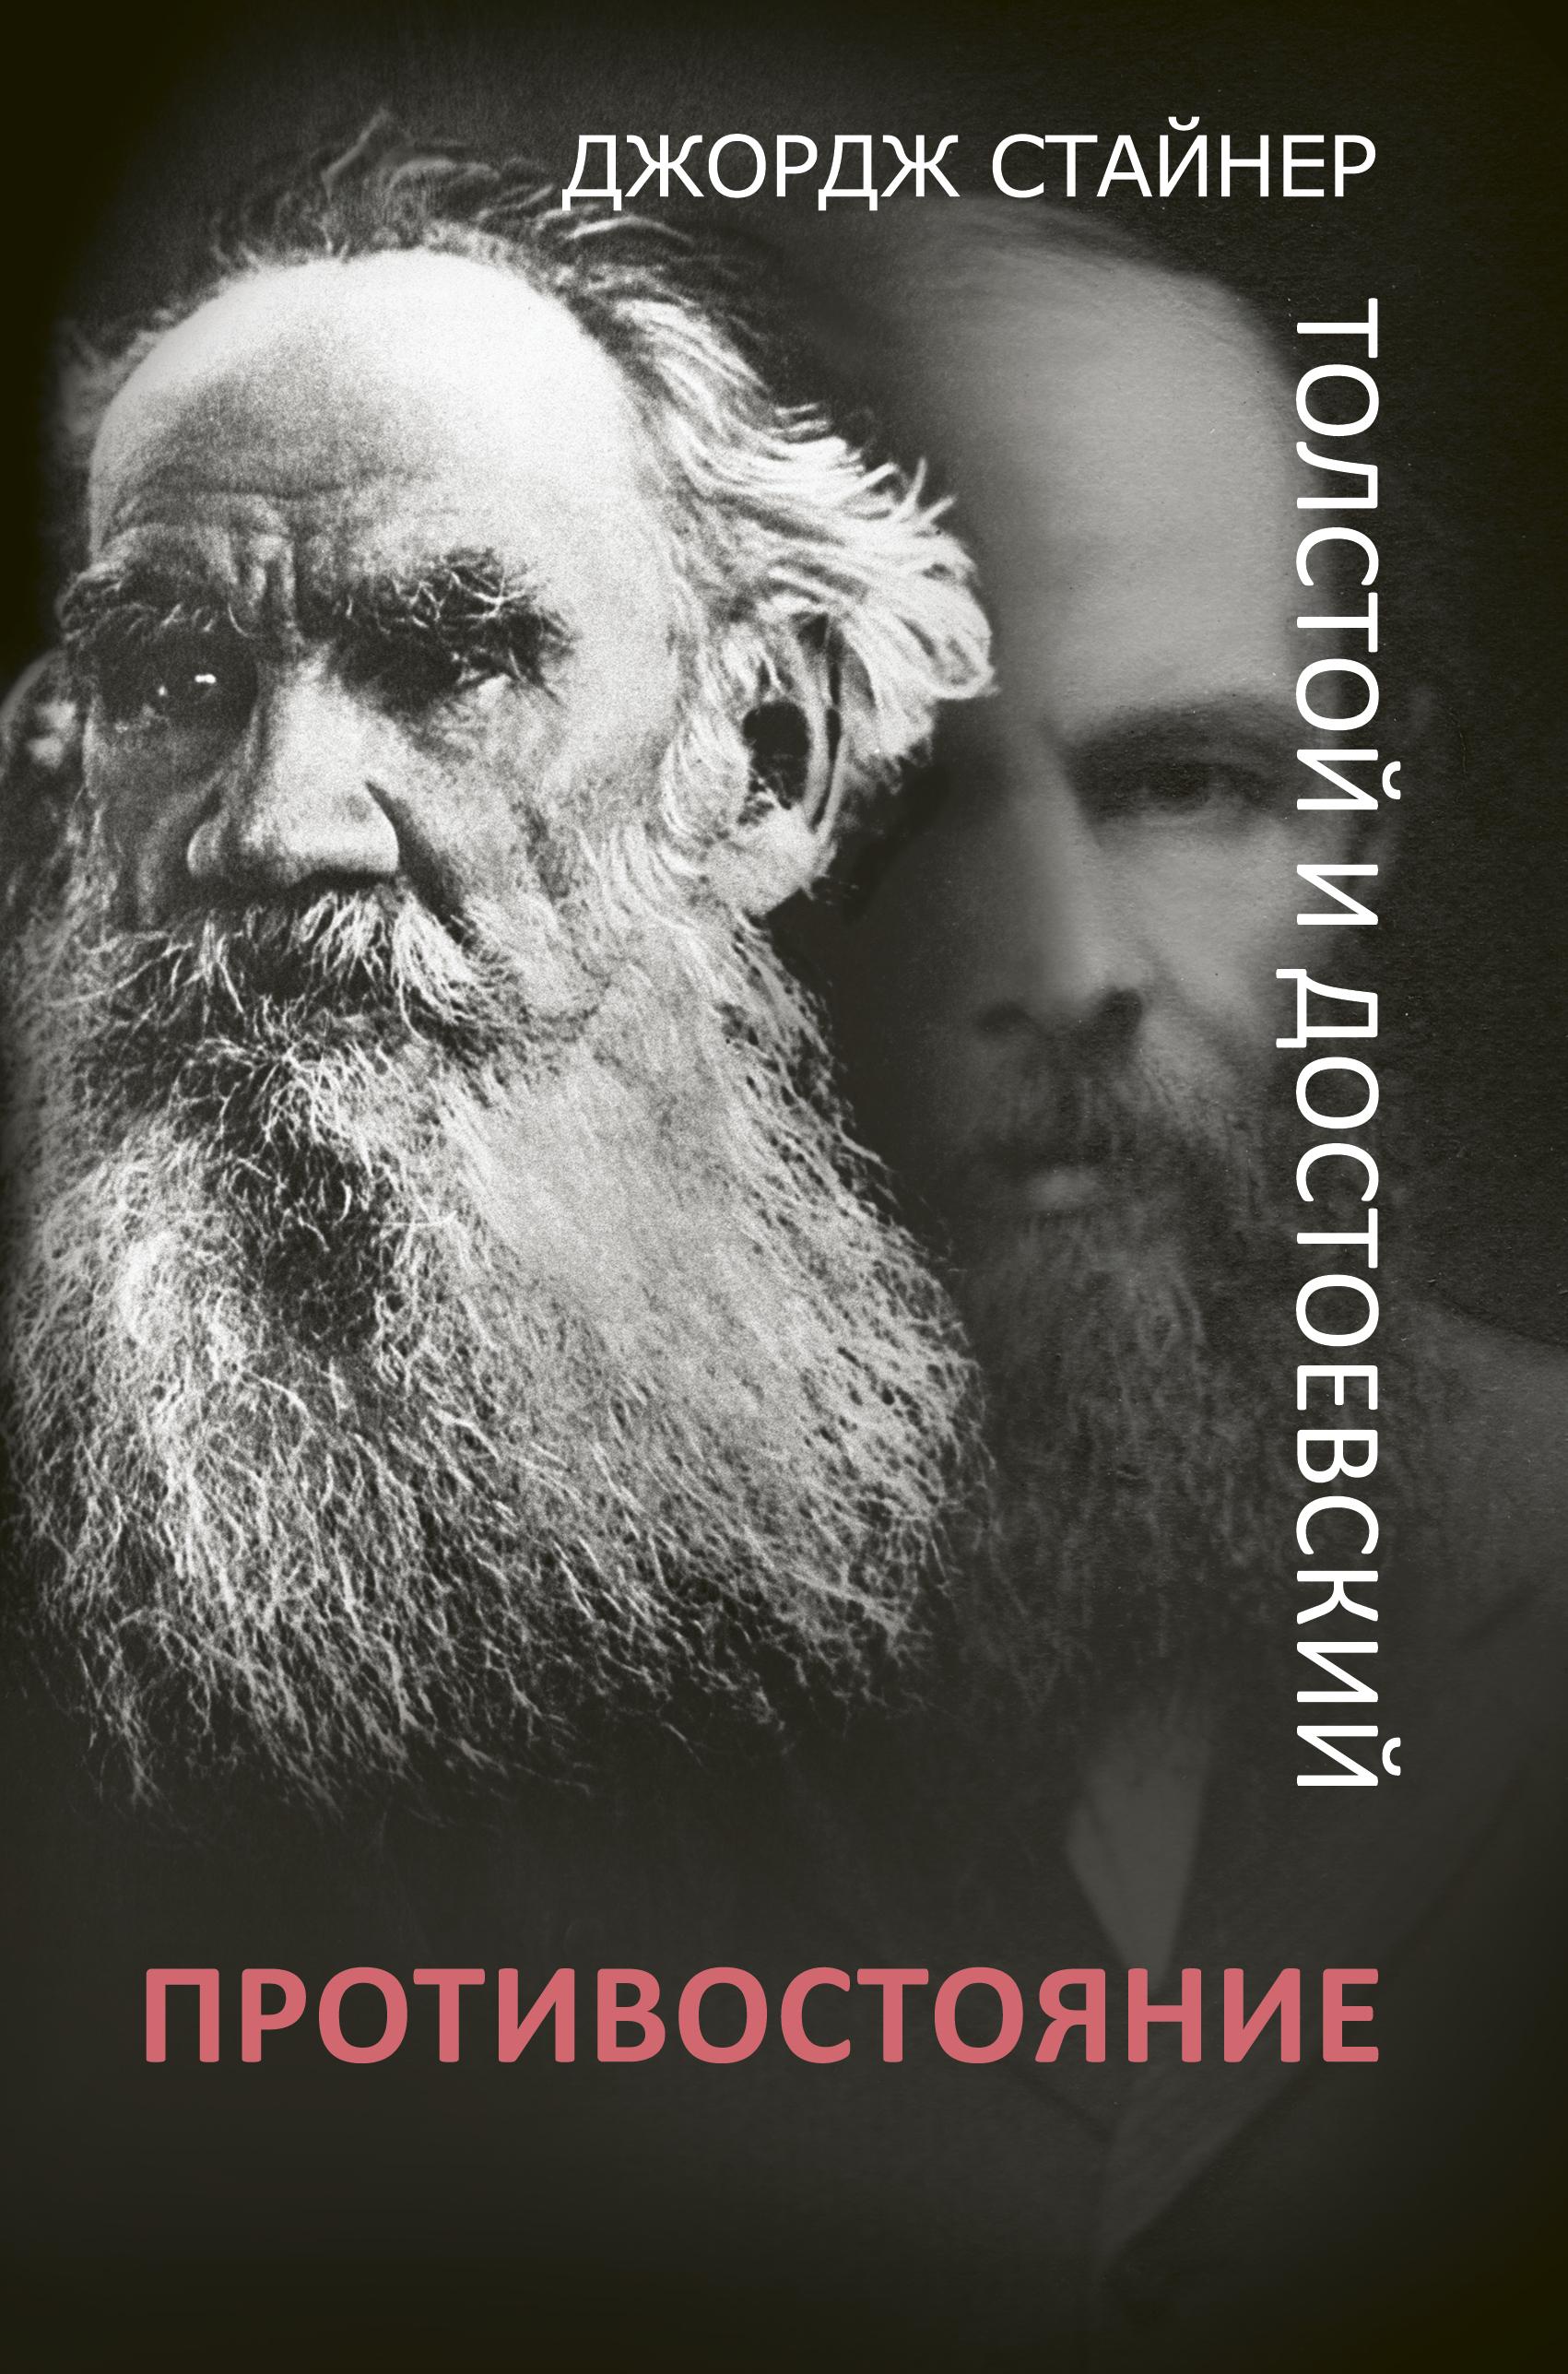 Джордж Стайнер Толстой и Достоевский: противостояние андрей белый трагедия творчества достоевский и толстой